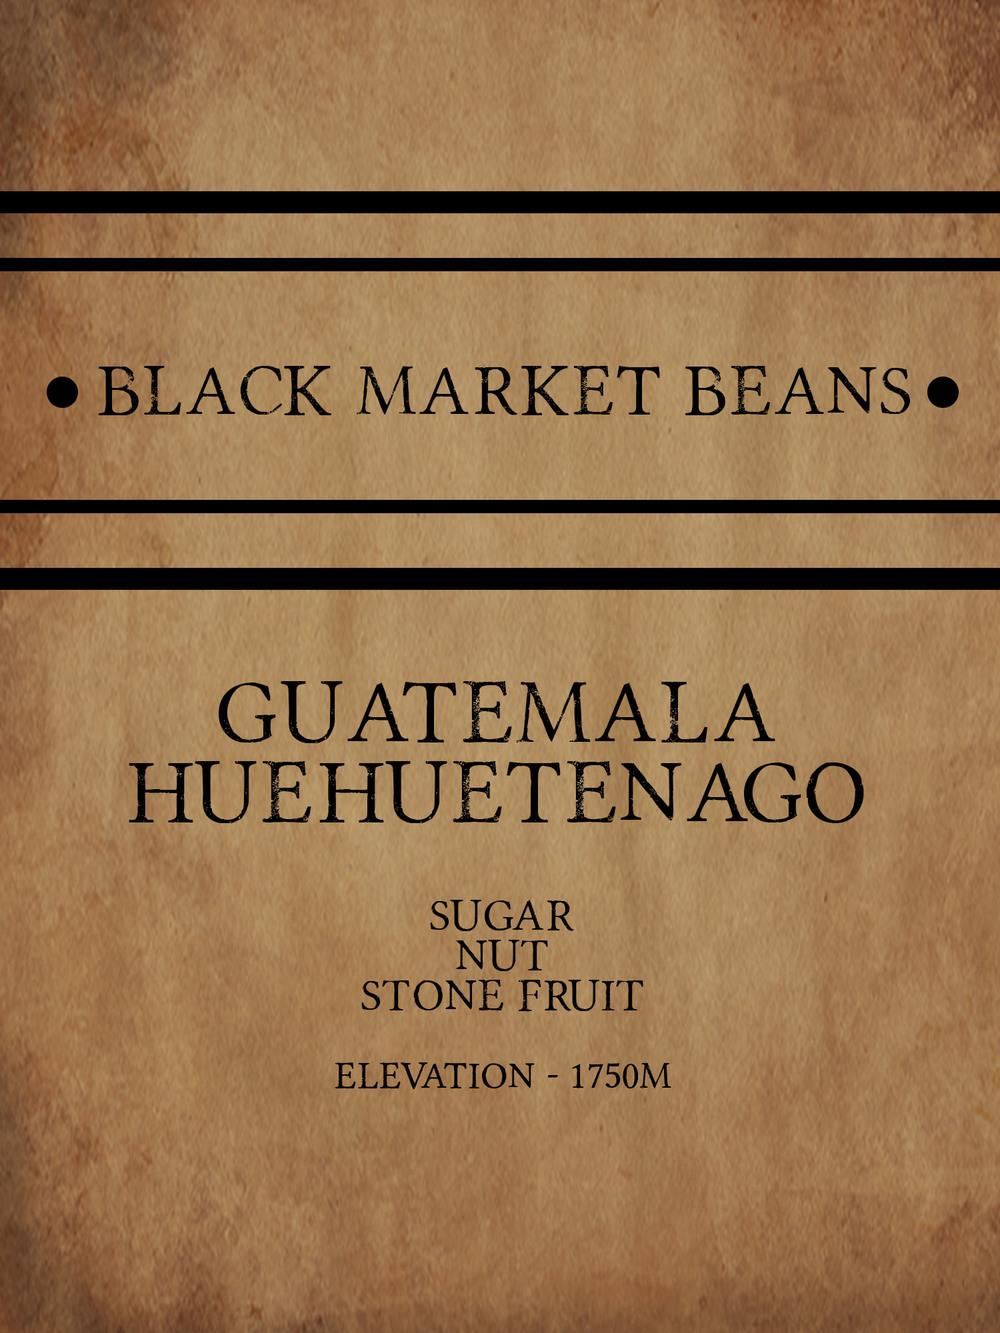 coffee_Guatemala_Huehuetenago.jpg